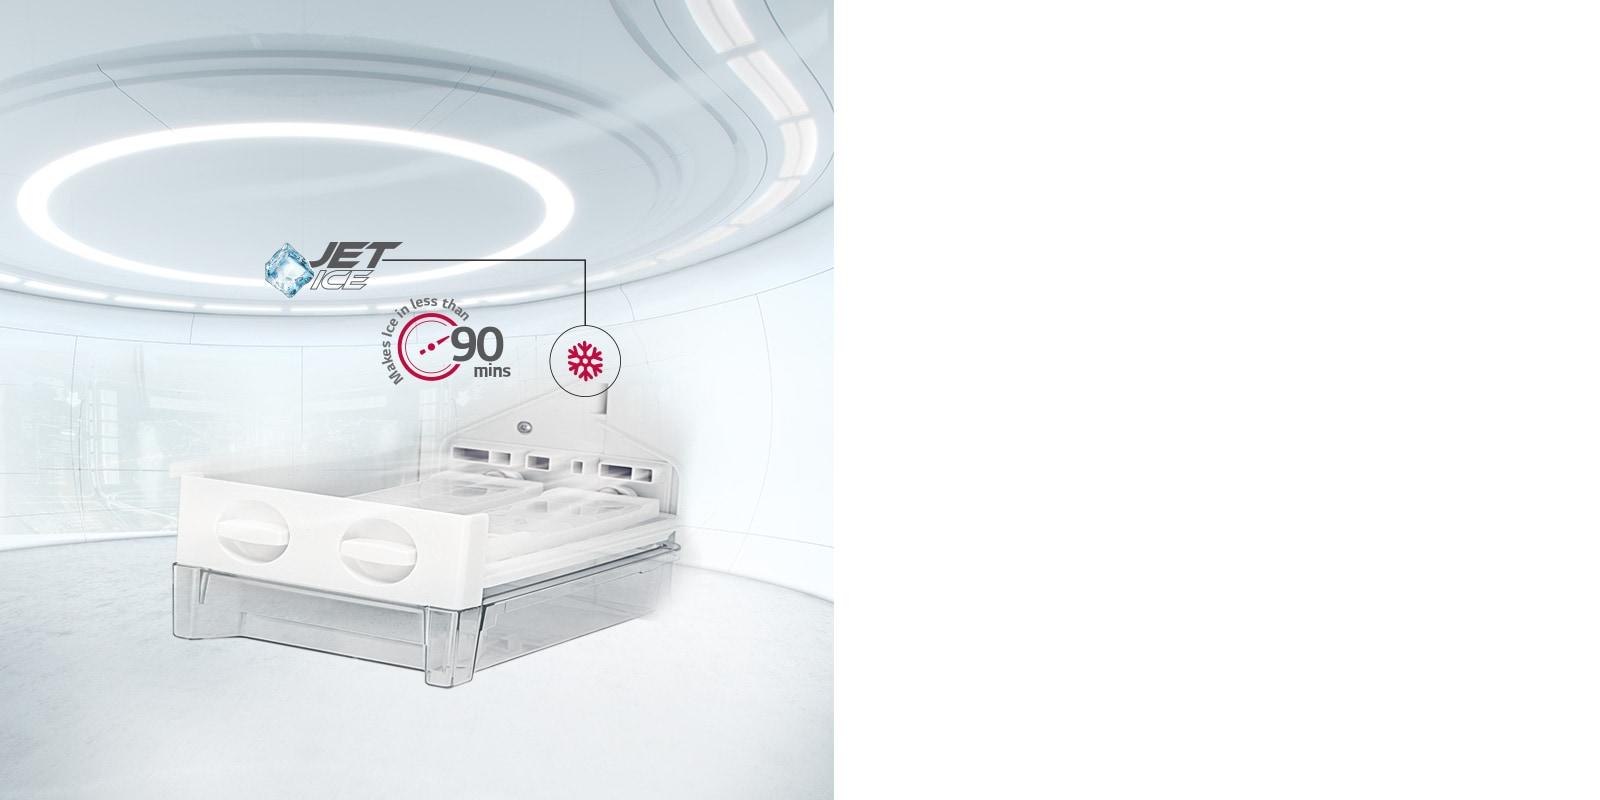 LG Jet Ice Double Door Refrigerator